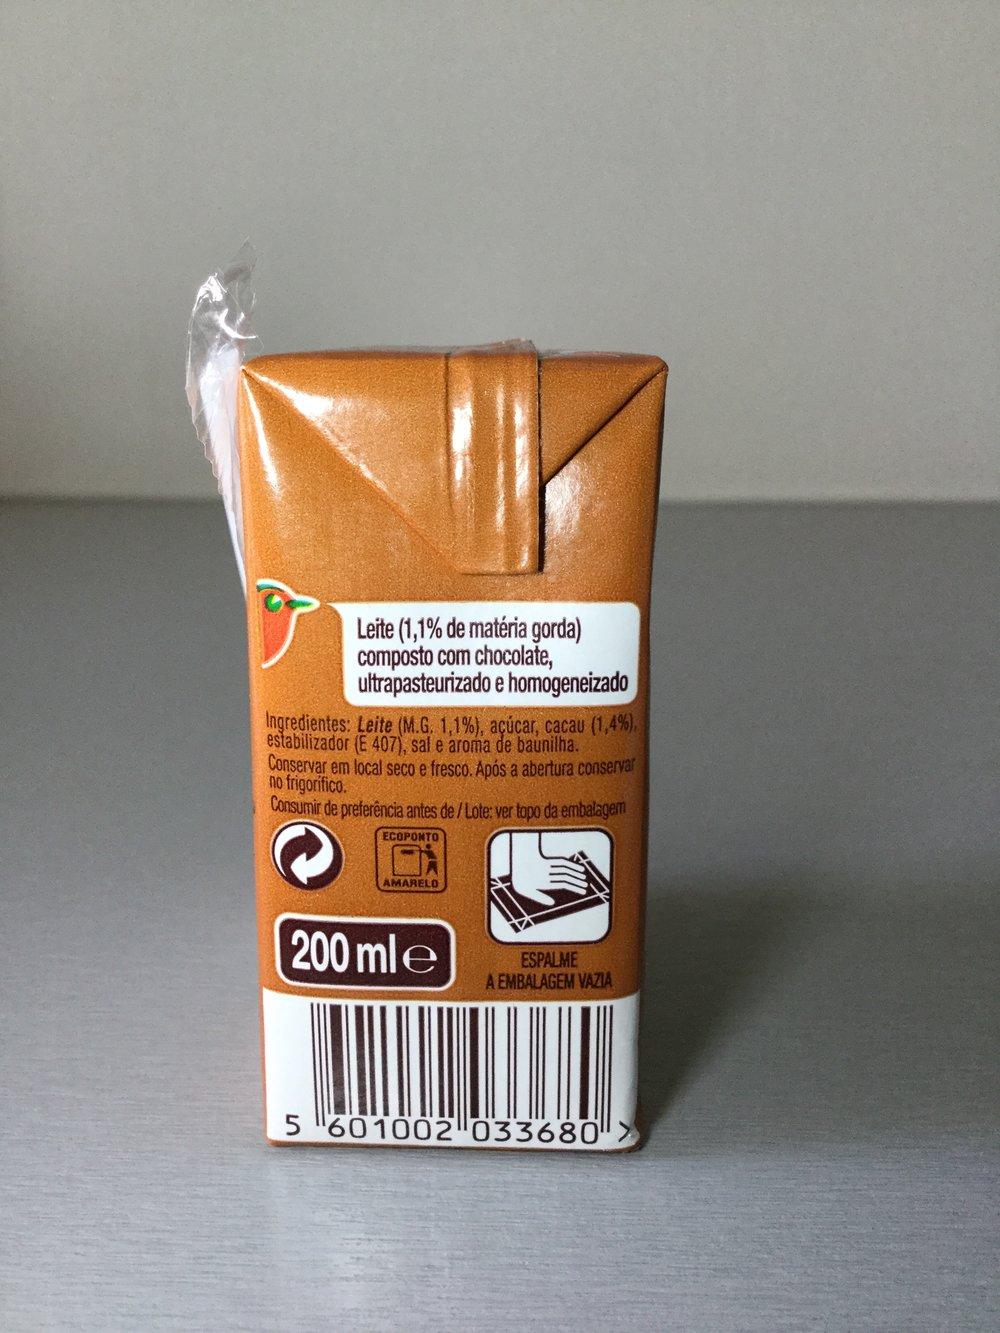 Auchan Leite Com Chocolate Side 2